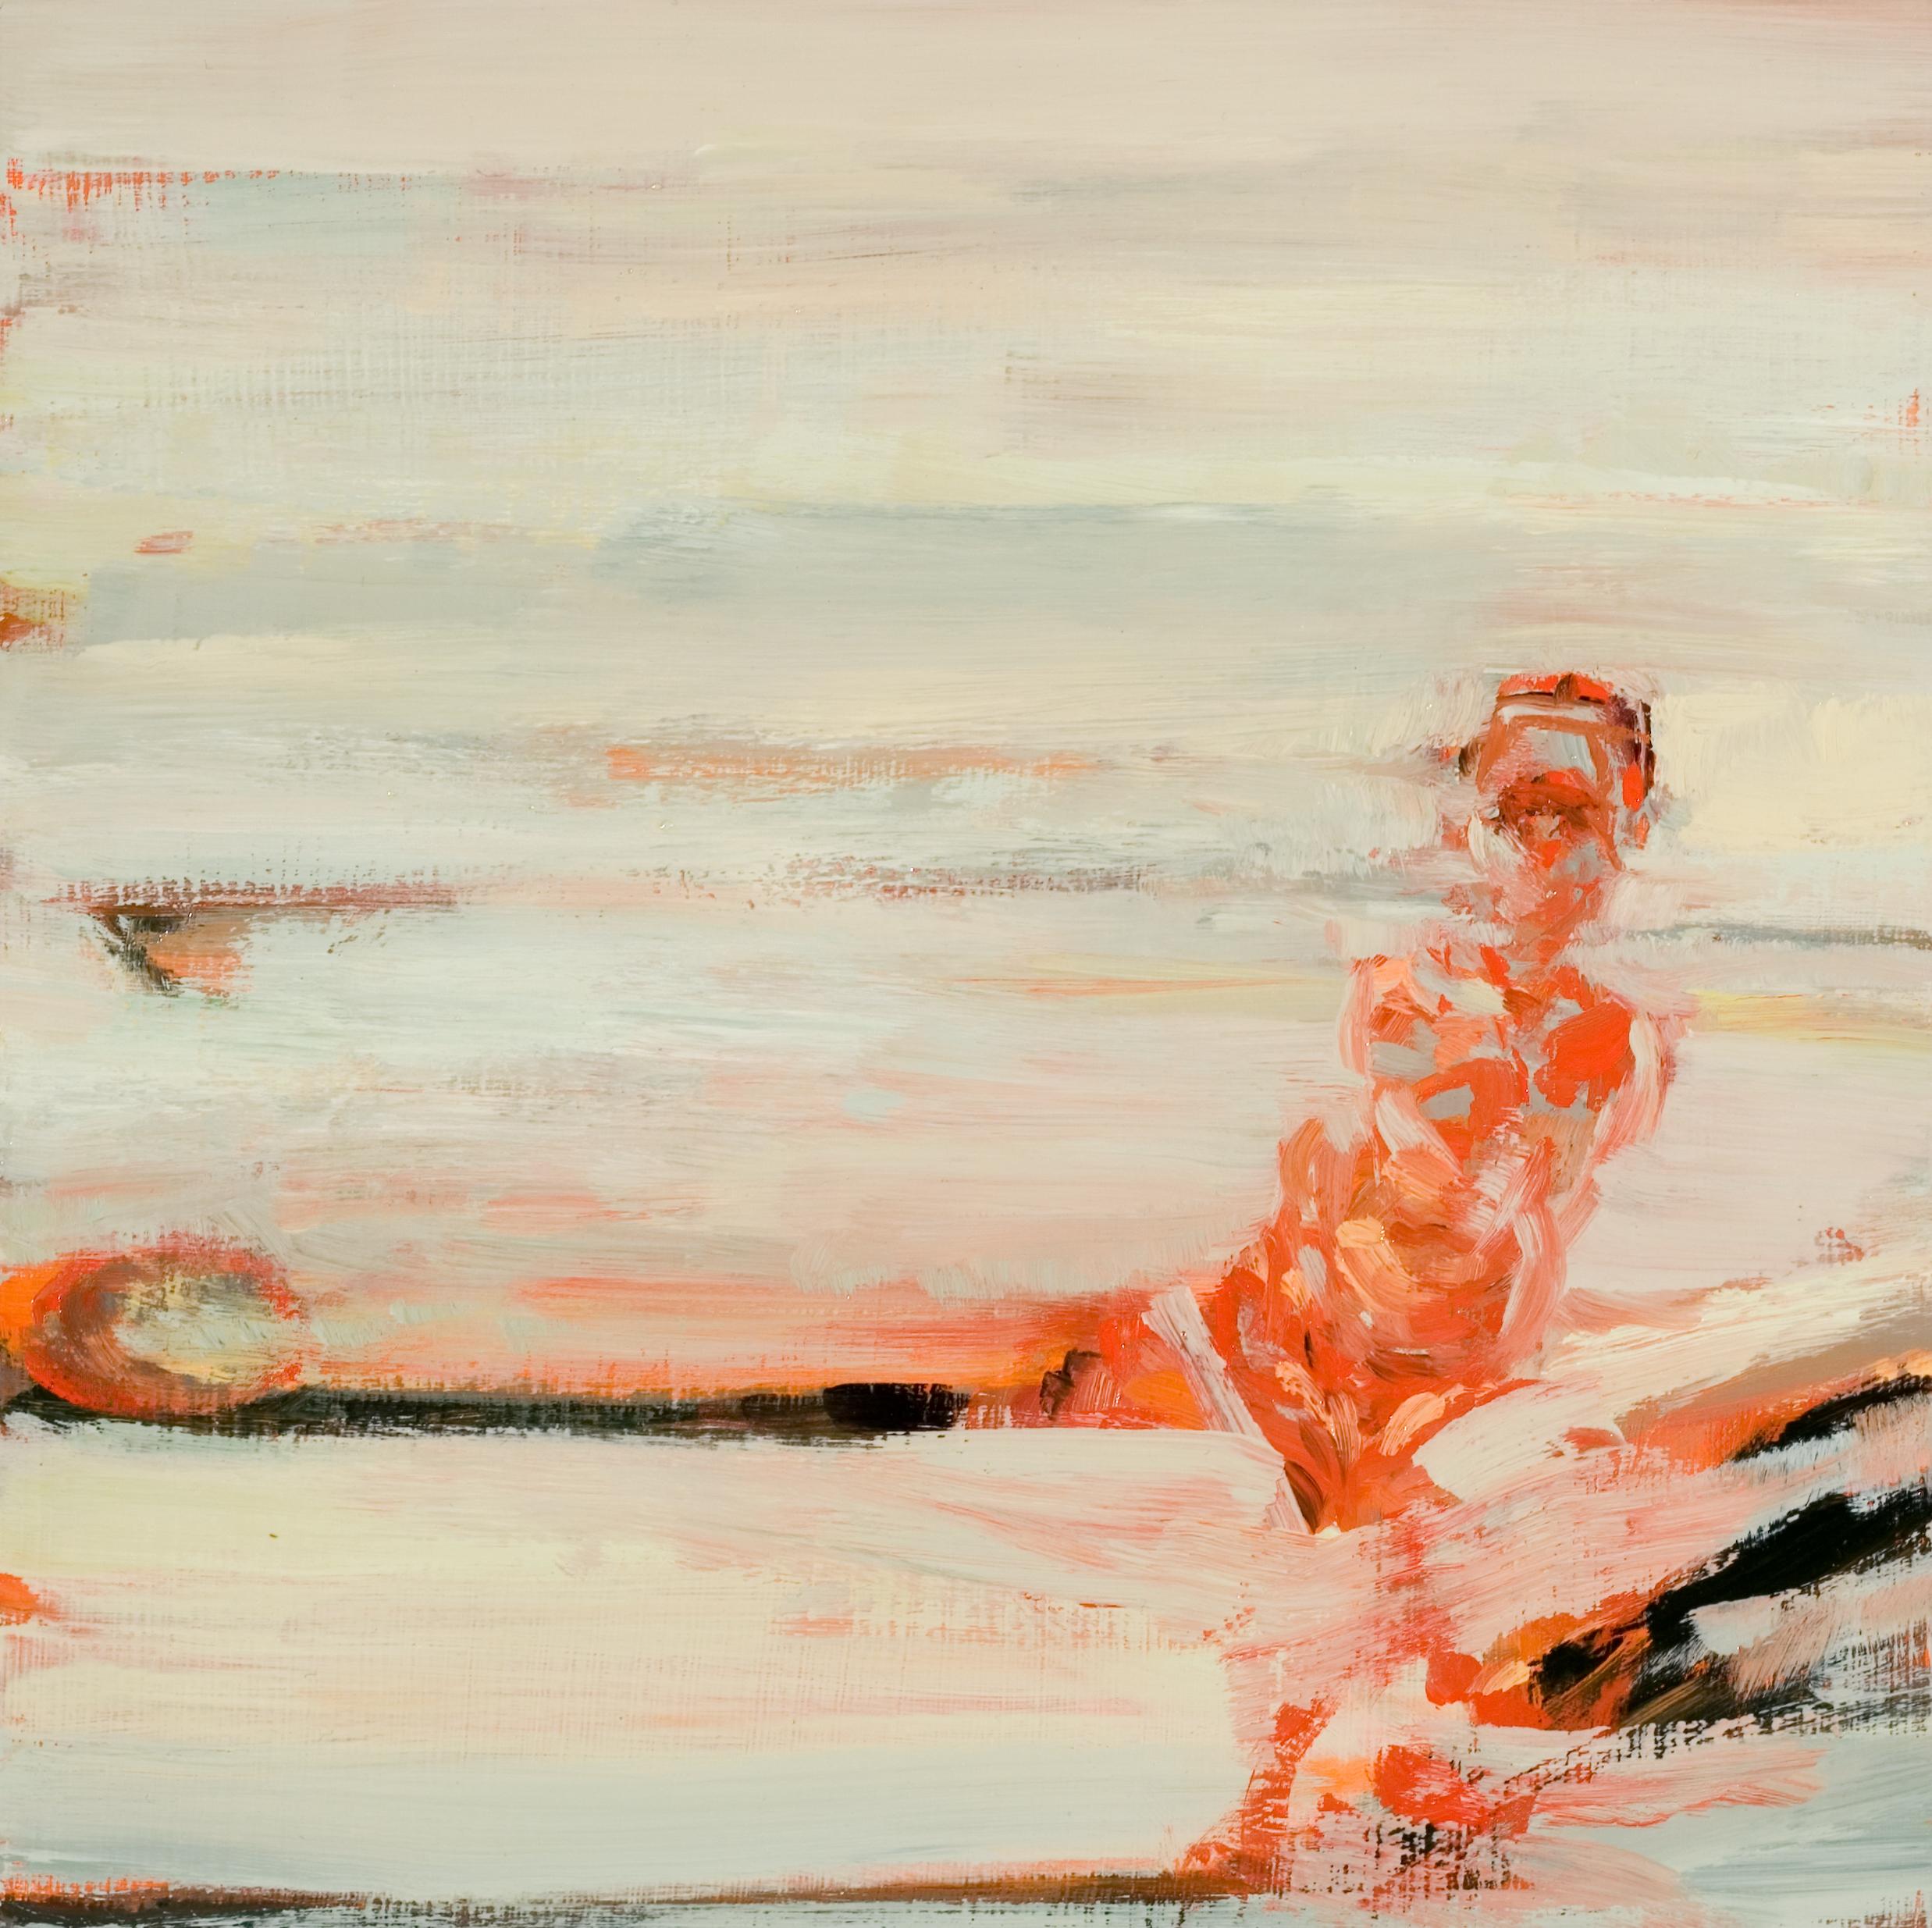 """Fissure, oil on board, 12"""" x 12"""" x 2"""", 2009 (SVA residency)"""